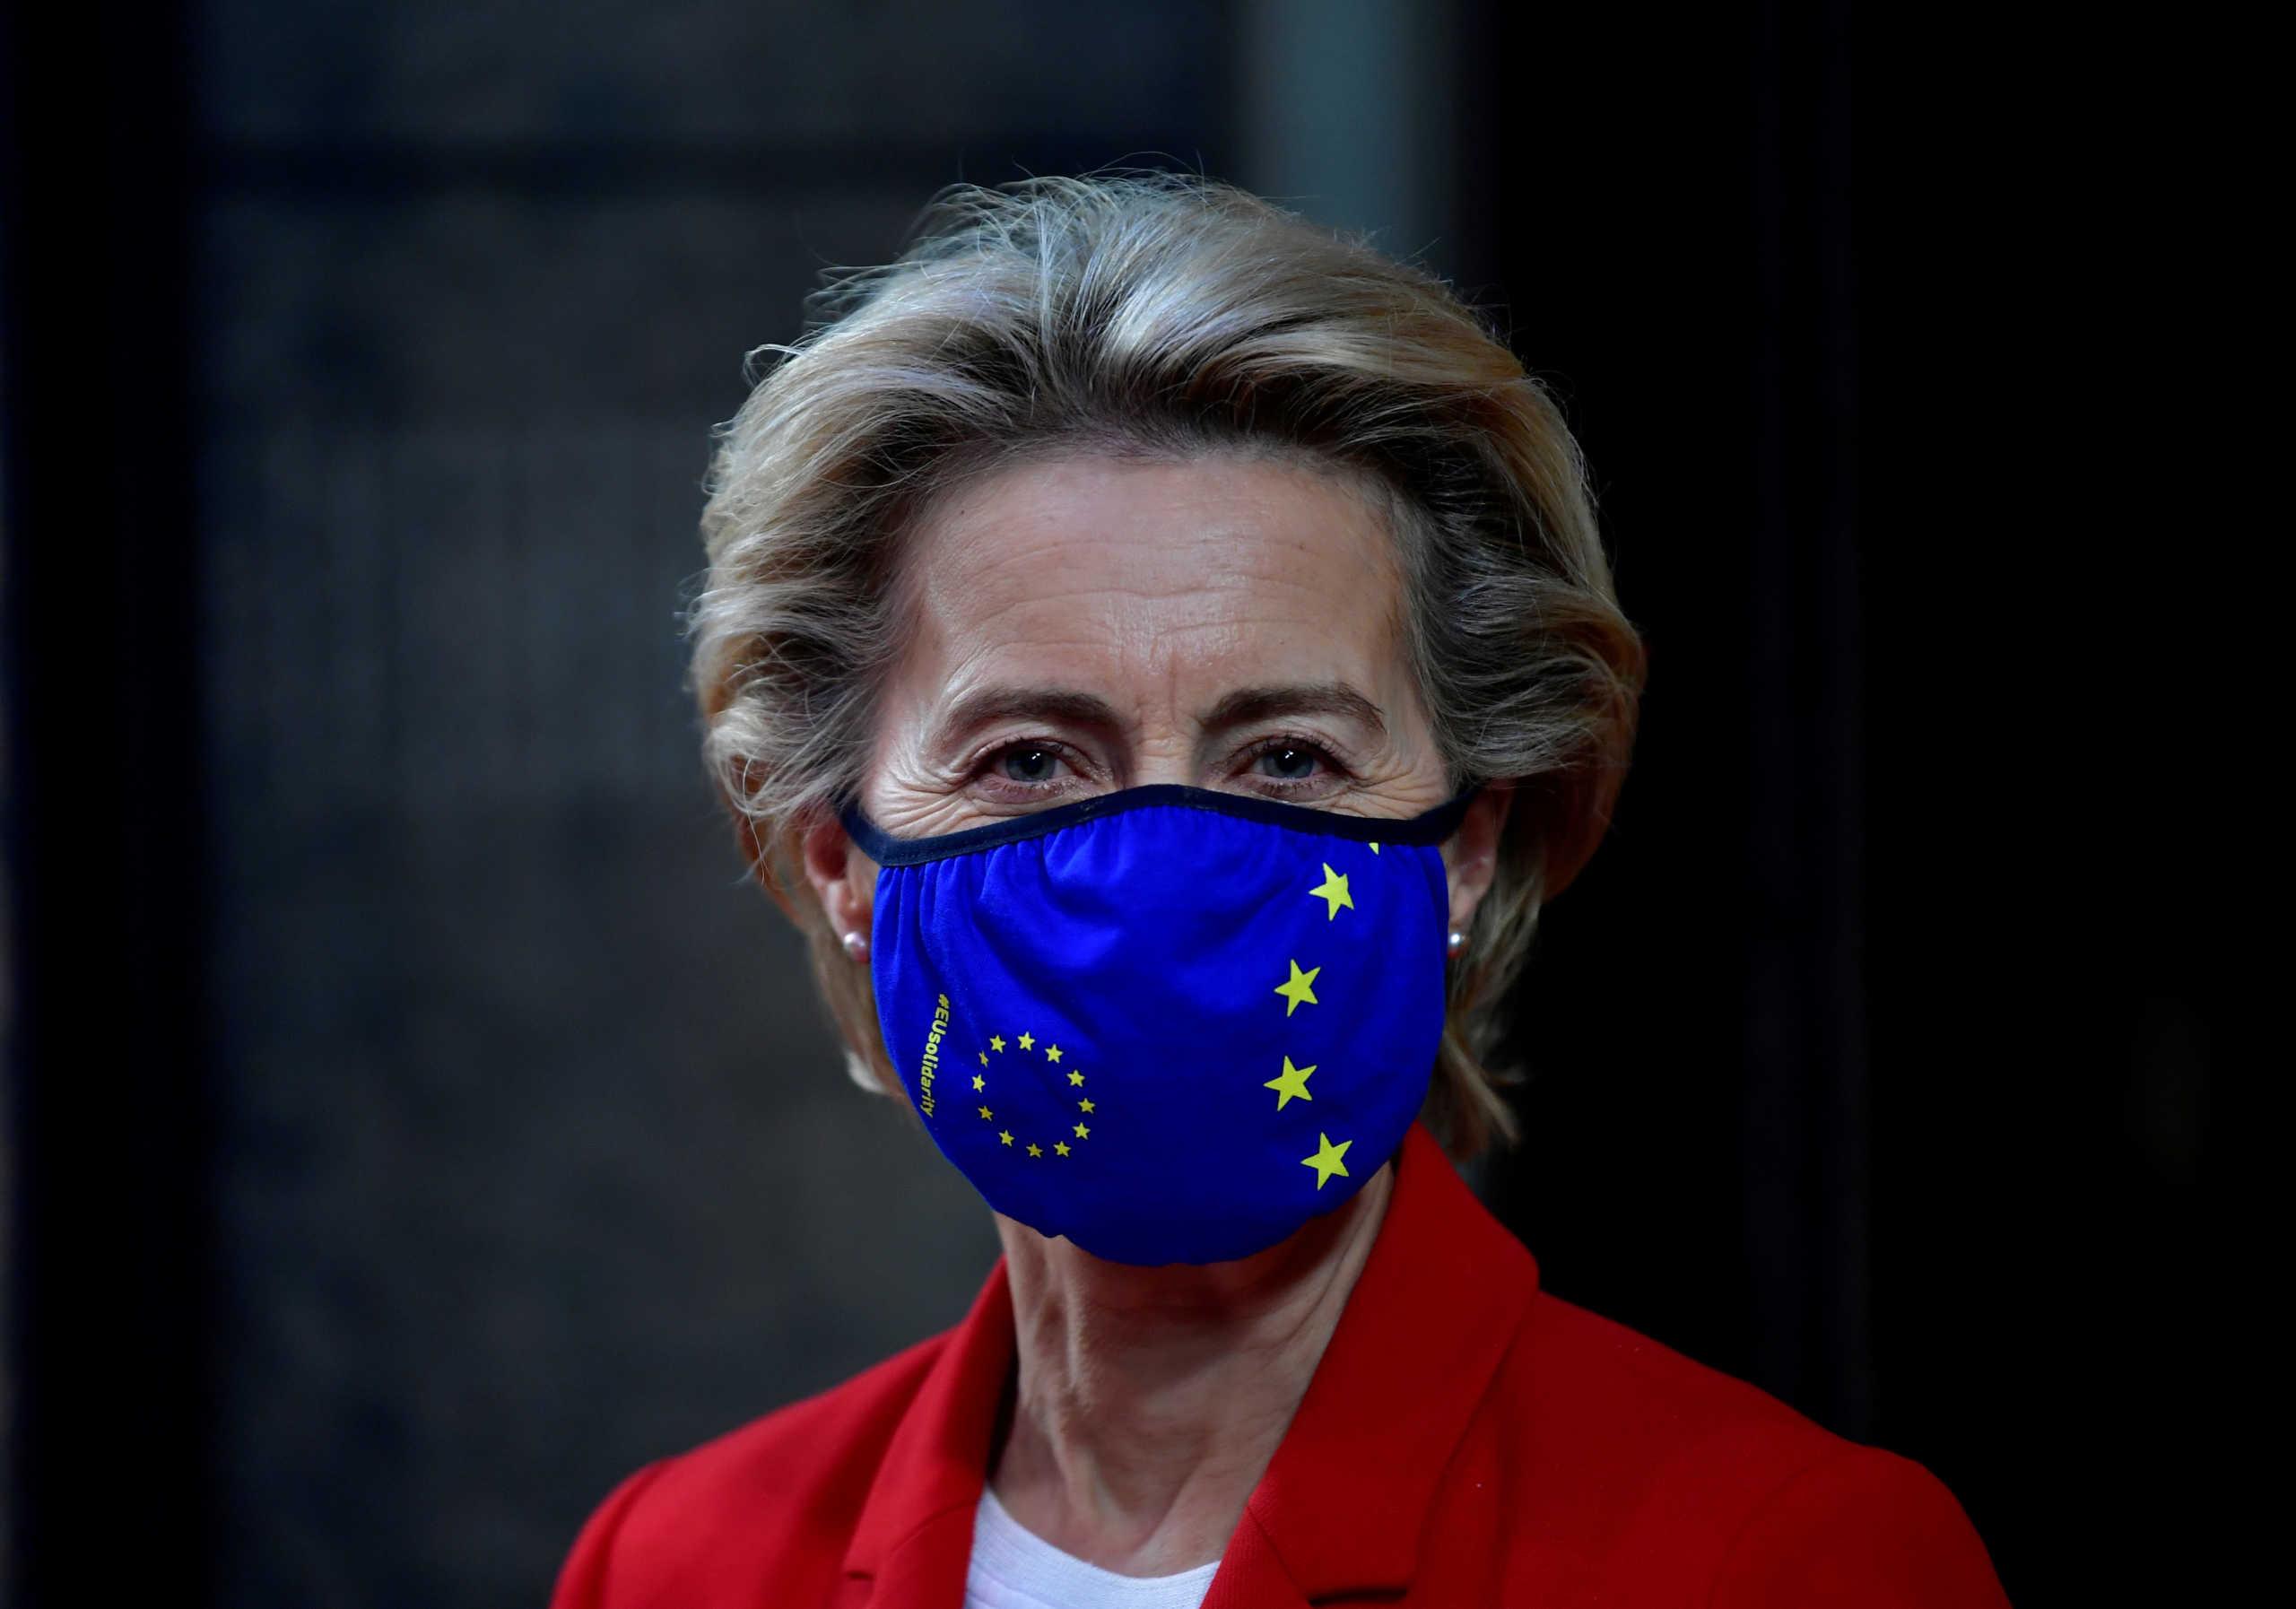 Ούρσουλα Φον Ντερ Λάιεν: Από την Τρίτη η Ελλάδα θα έχει πρόσβαση σε 2 δισ. ευρώ από τον μηχανισμό SURE